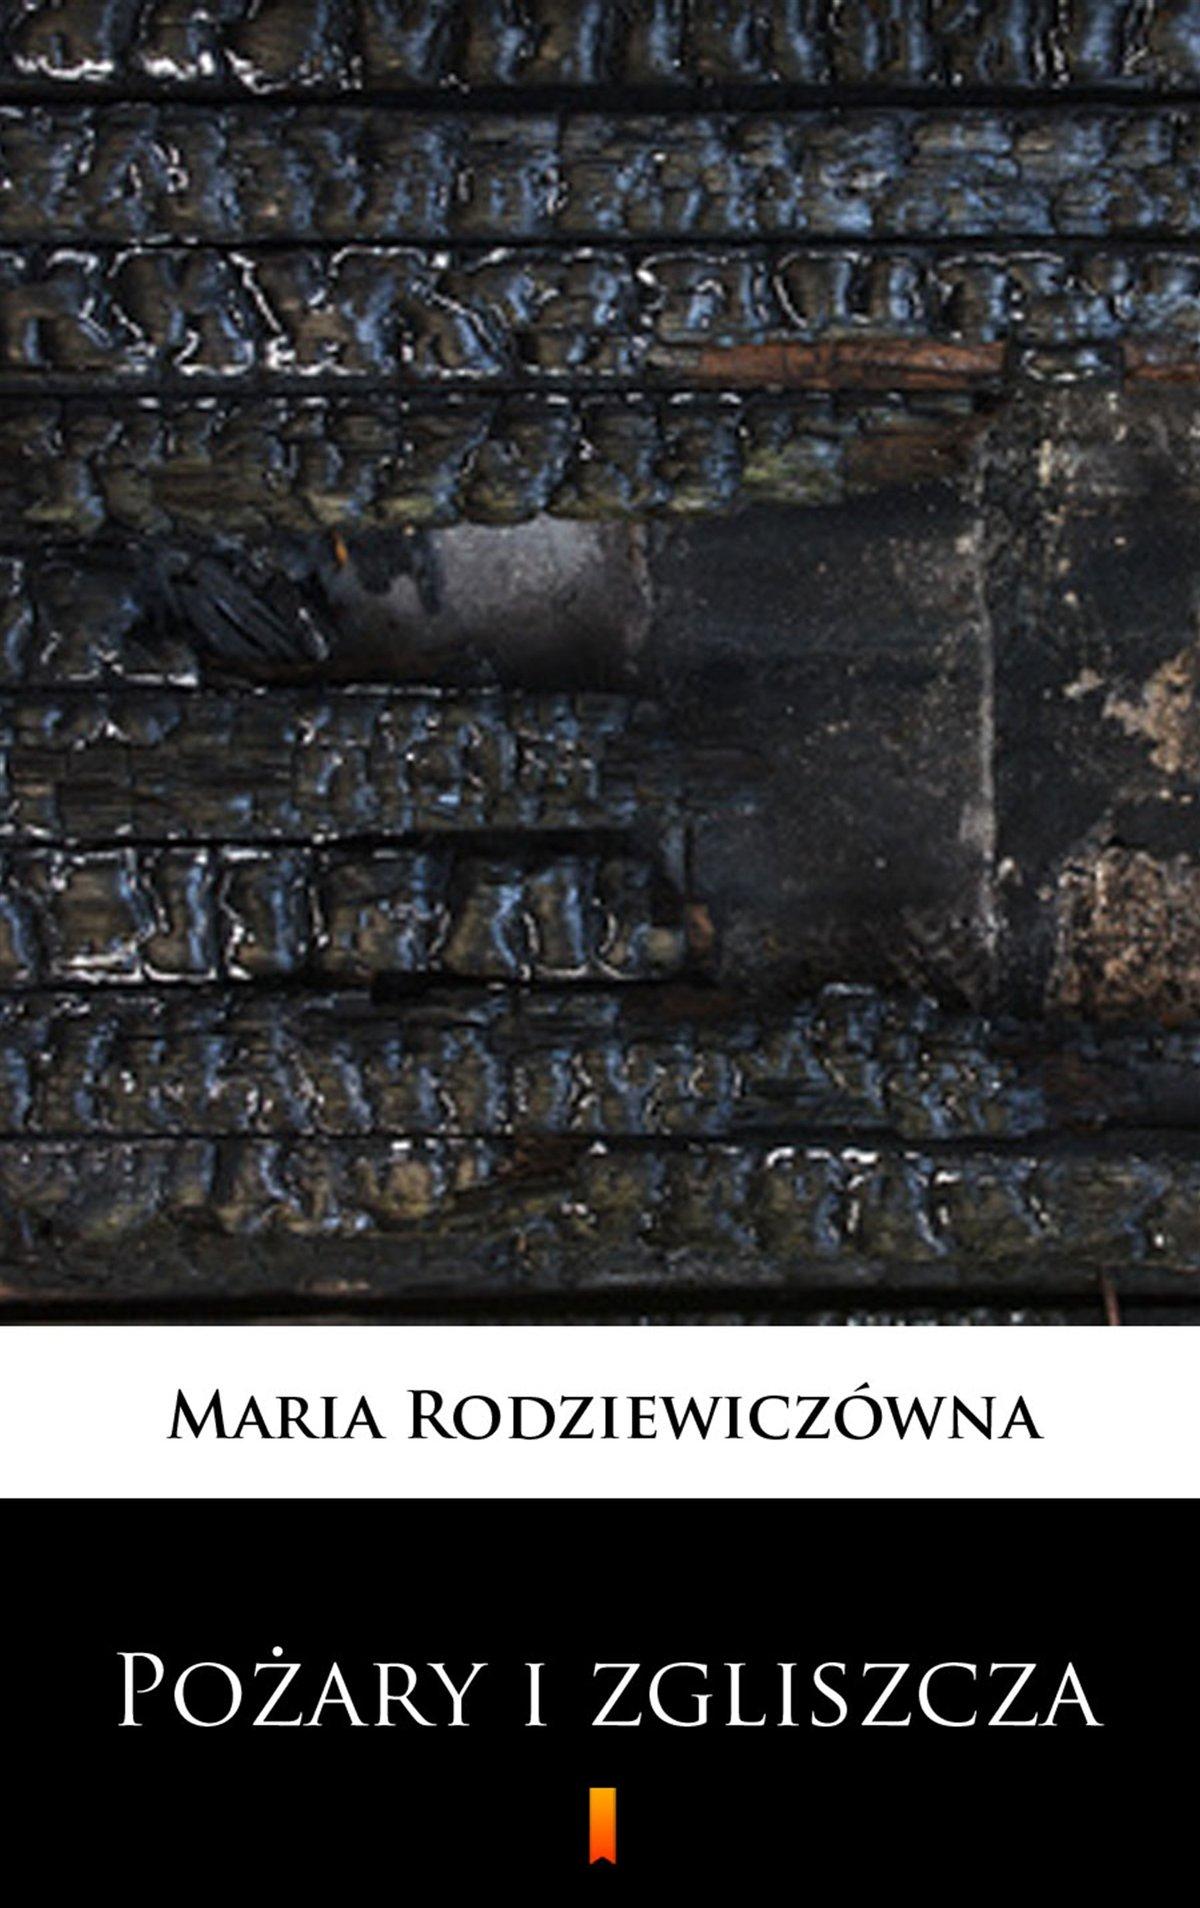 Pożary i zgliszcza - Ebook (Książka na Kindle) do pobrania w formacie MOBI